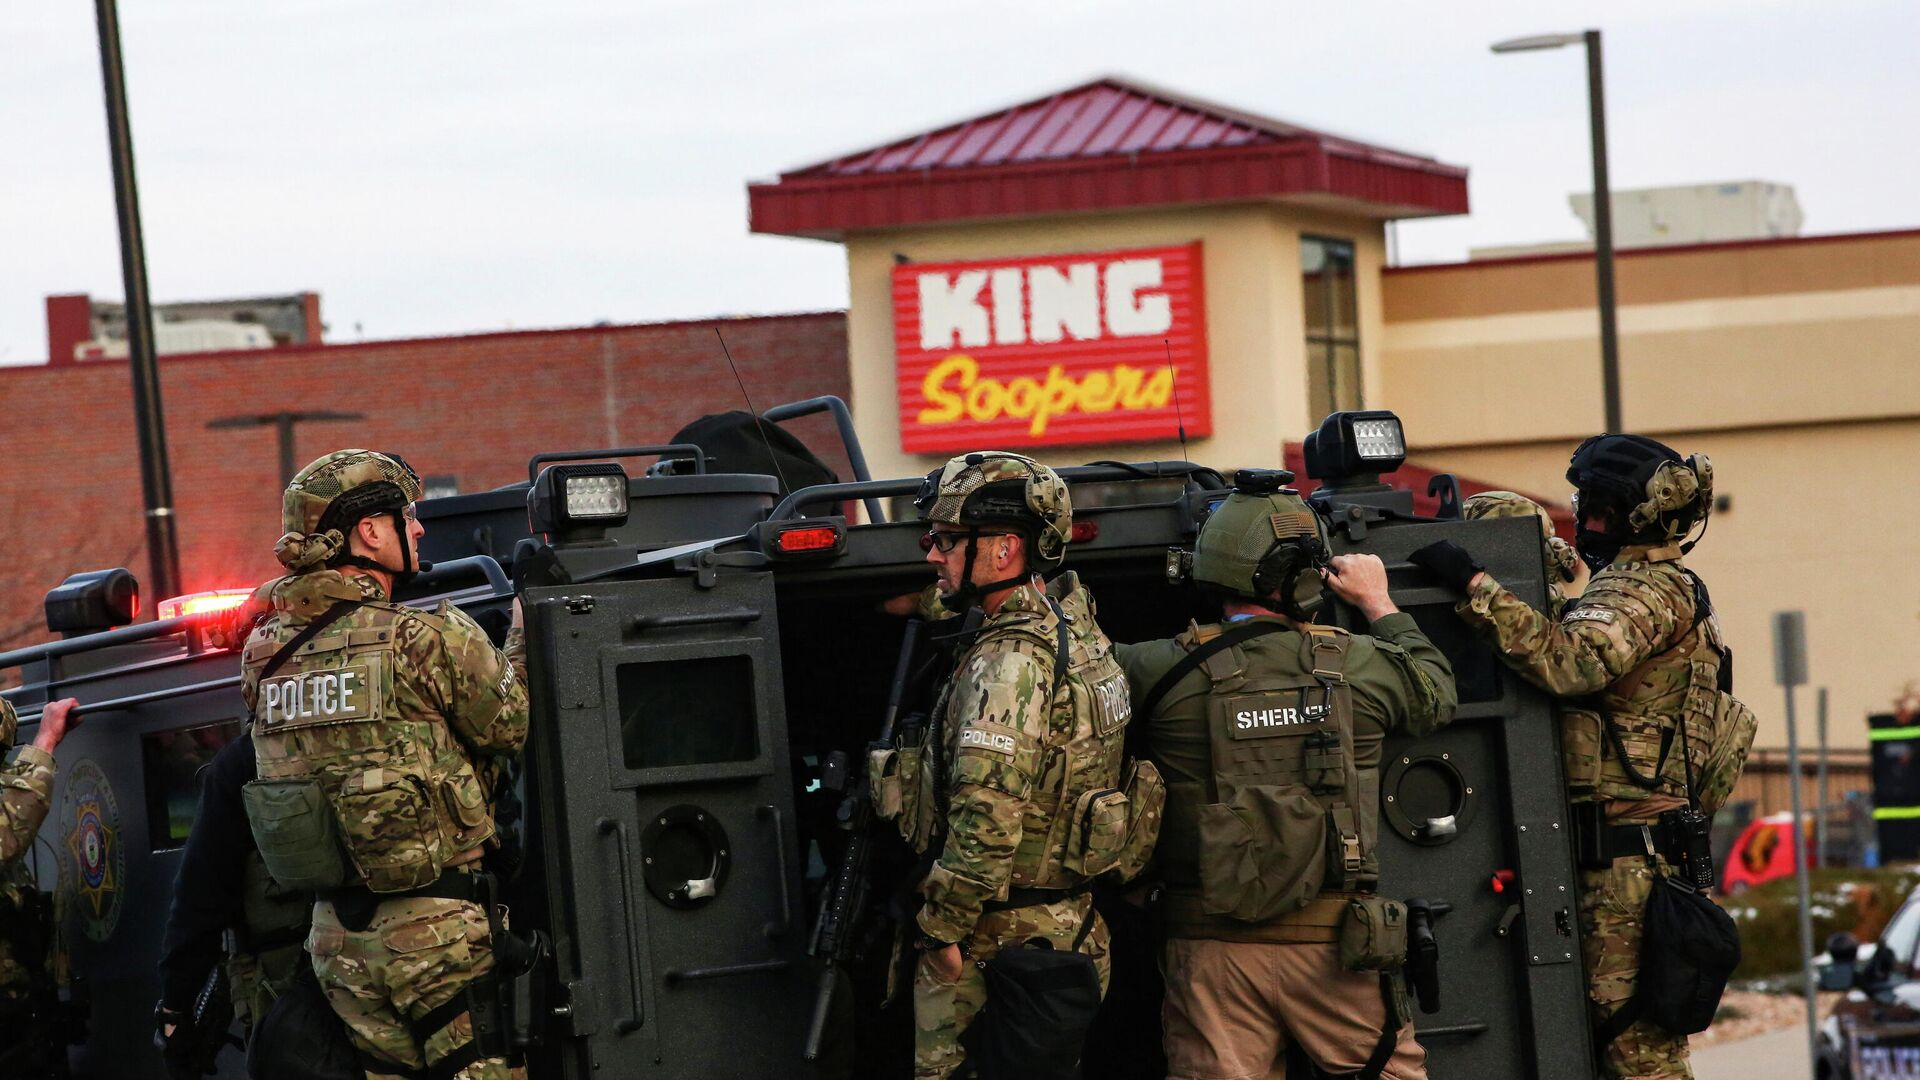 Место стрельбы в продуктовом магазине King Soopers в Боулдере, штат Колорадо, США - РИА Новости, 1920, 24.03.2021